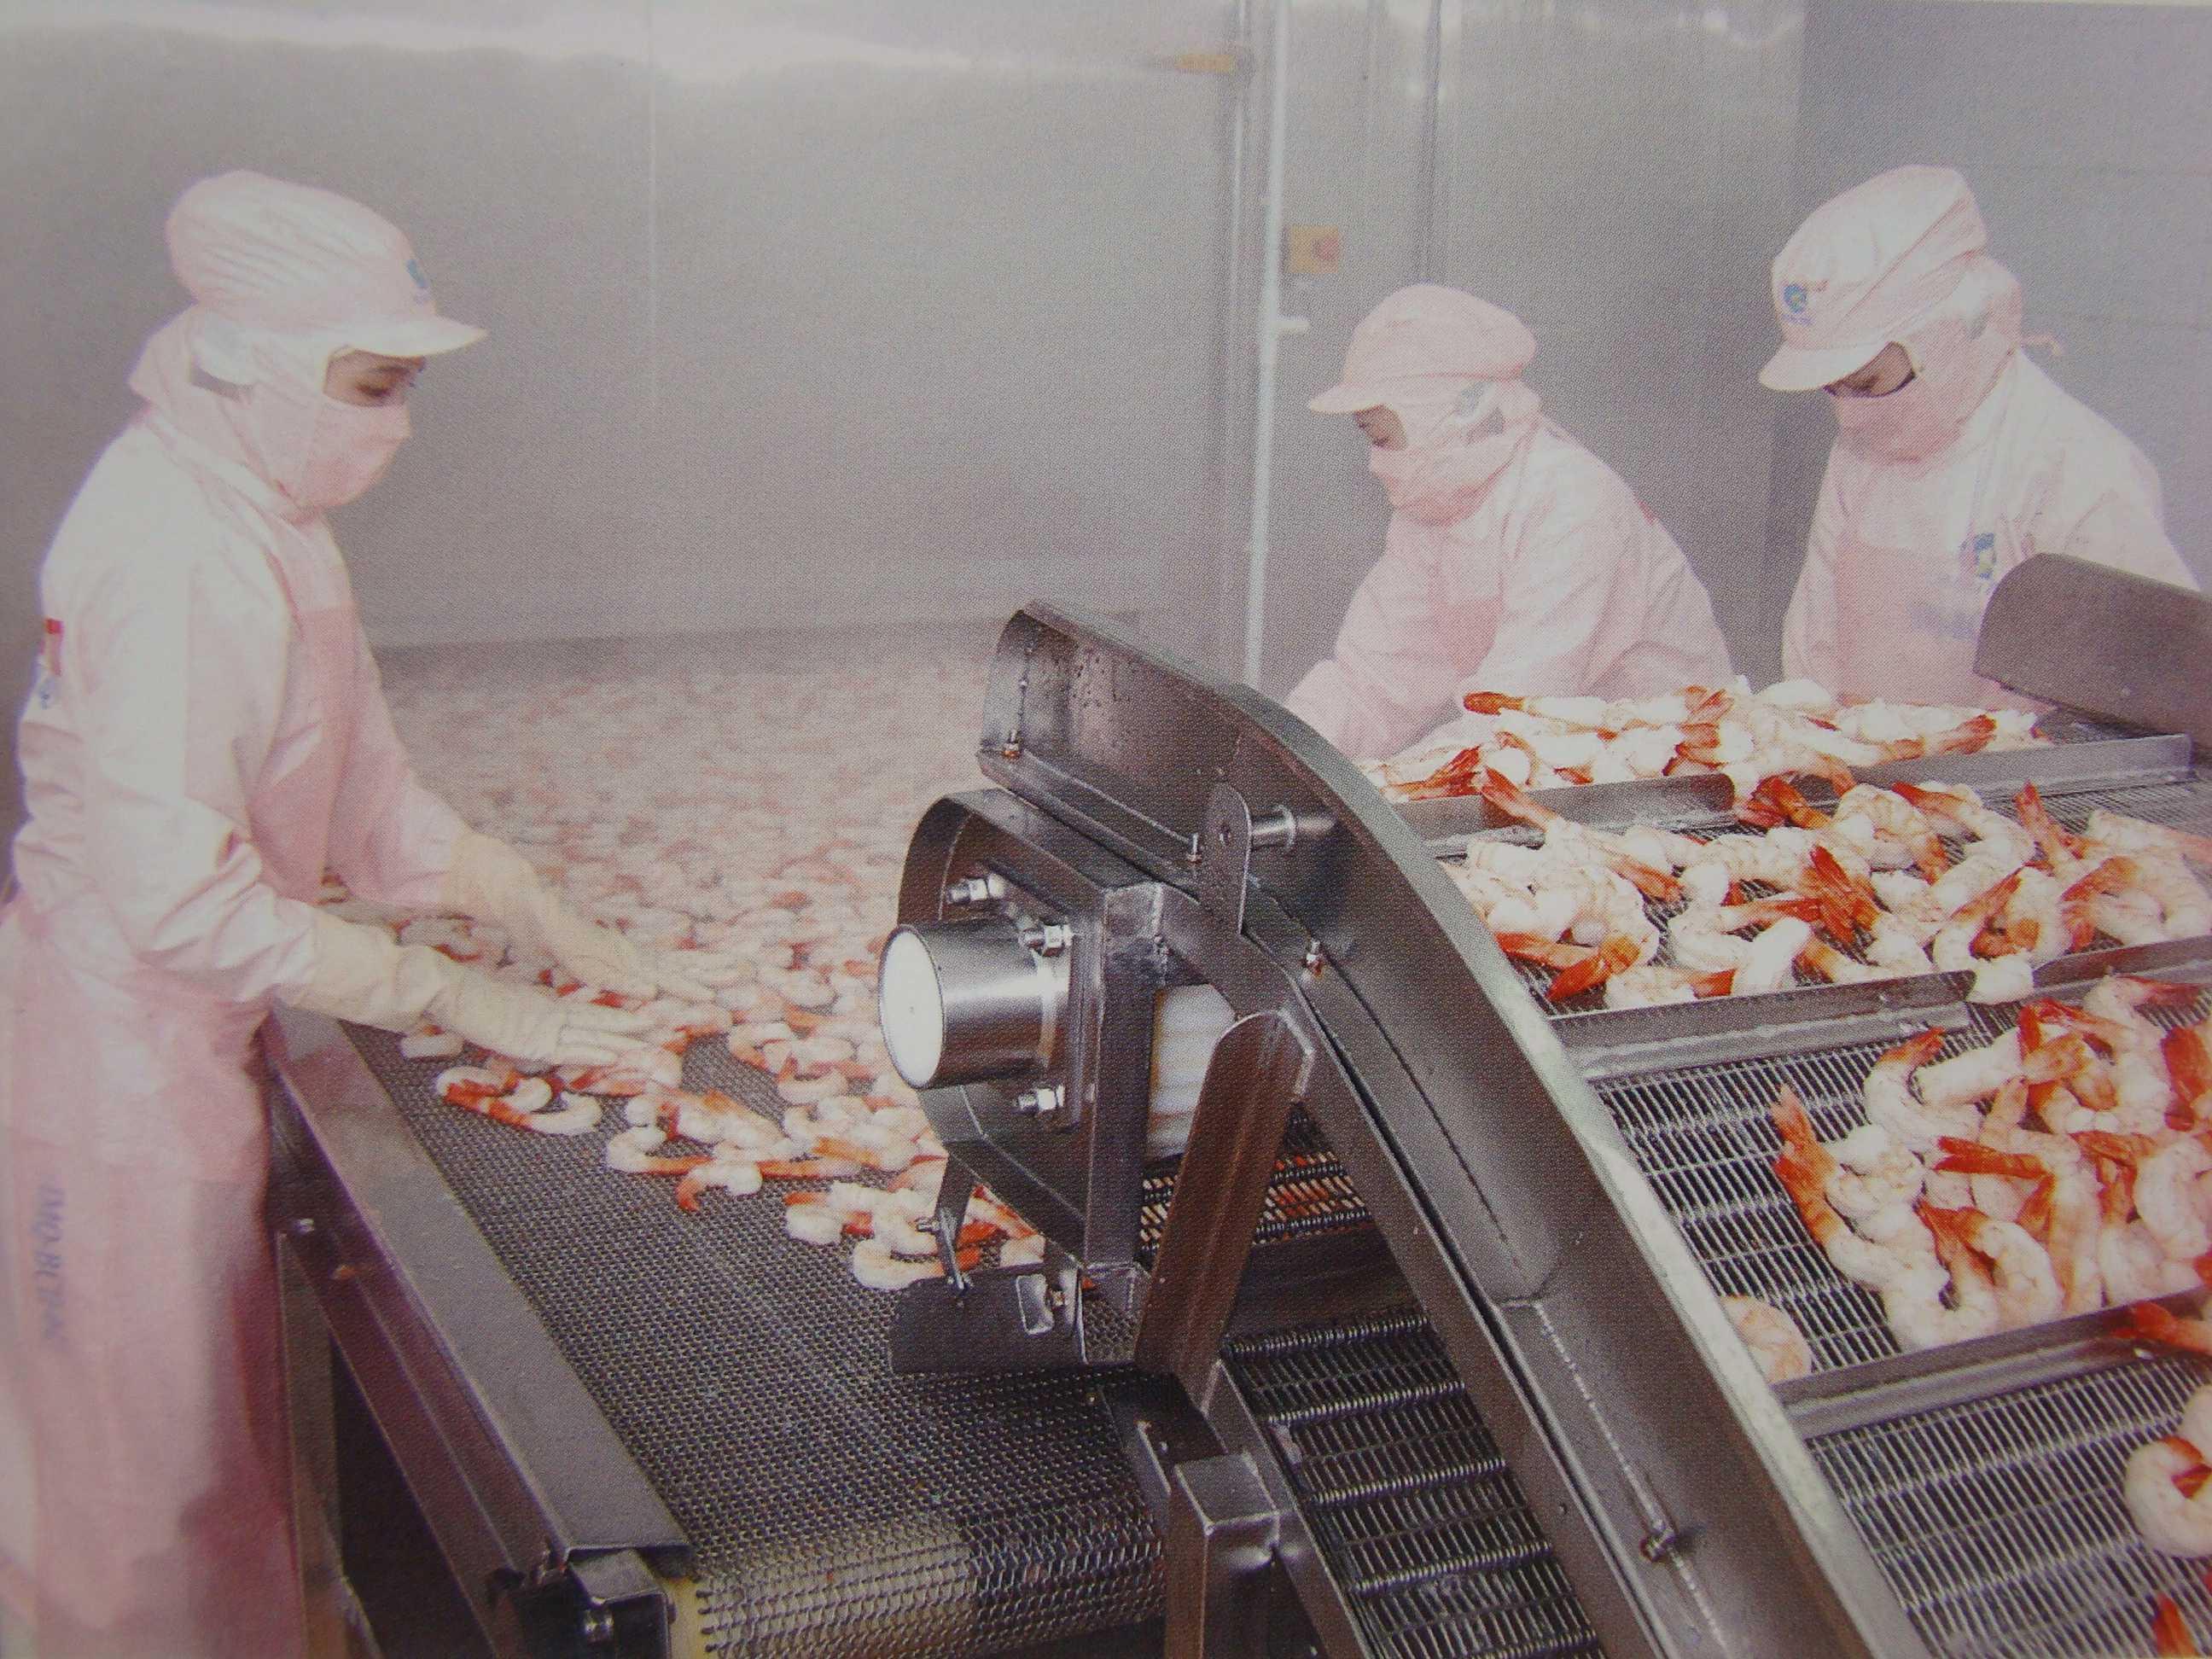 Cần đảm bảo vệ sinh an tòan lao động cho các công nhân trong ngành chế biến thực phẩm.